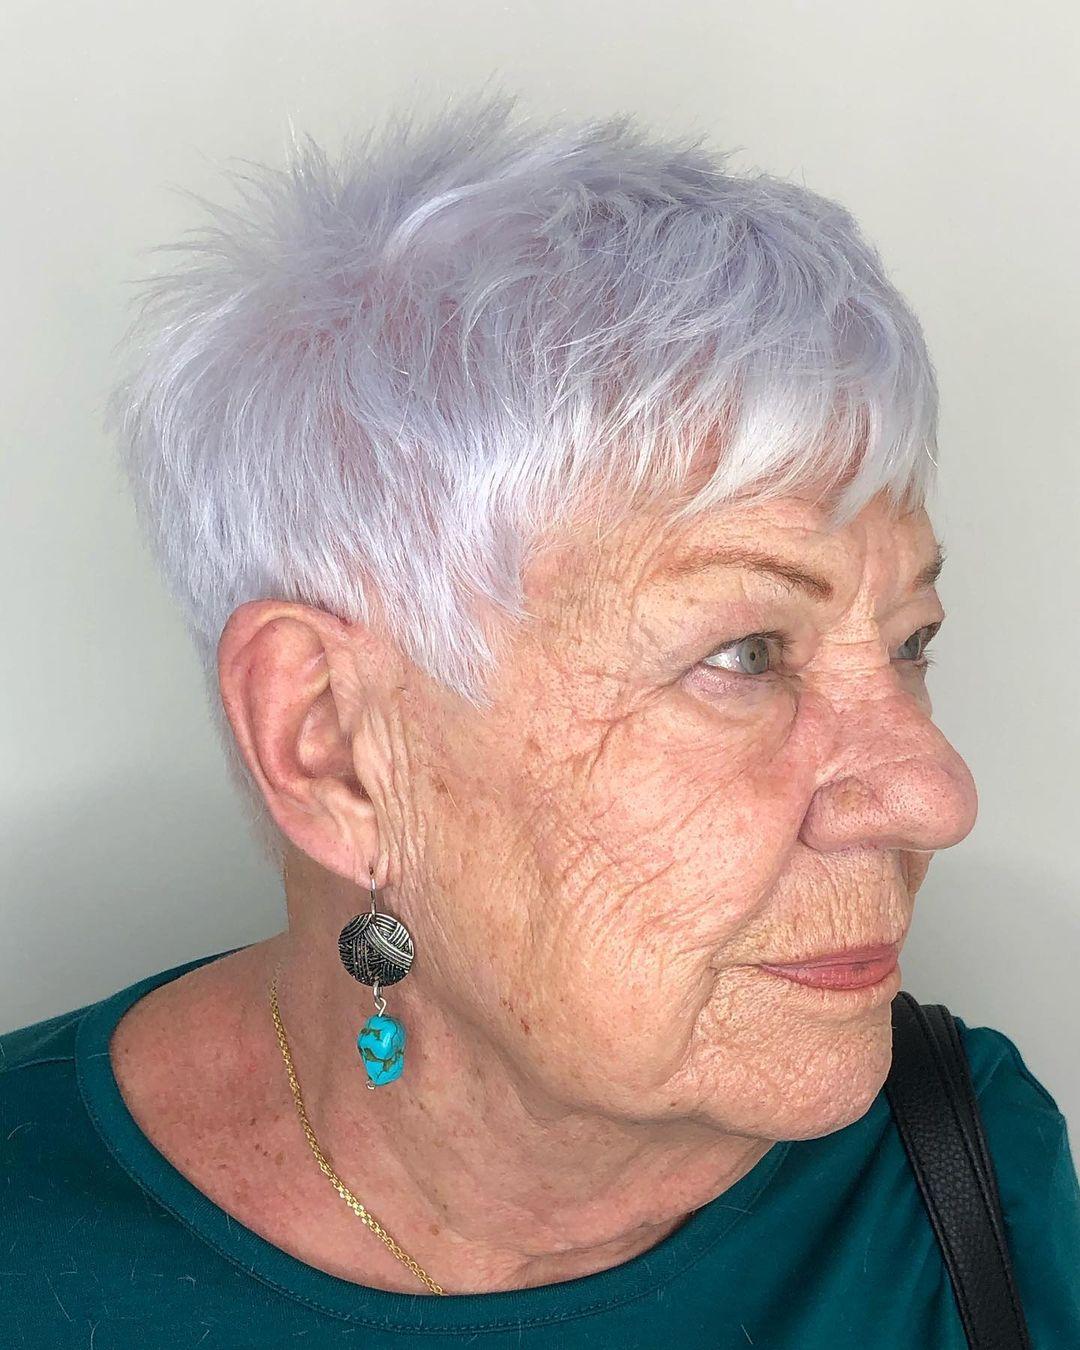 Femme de plus de 70 ans avec des cheveux gris courts et coupés.